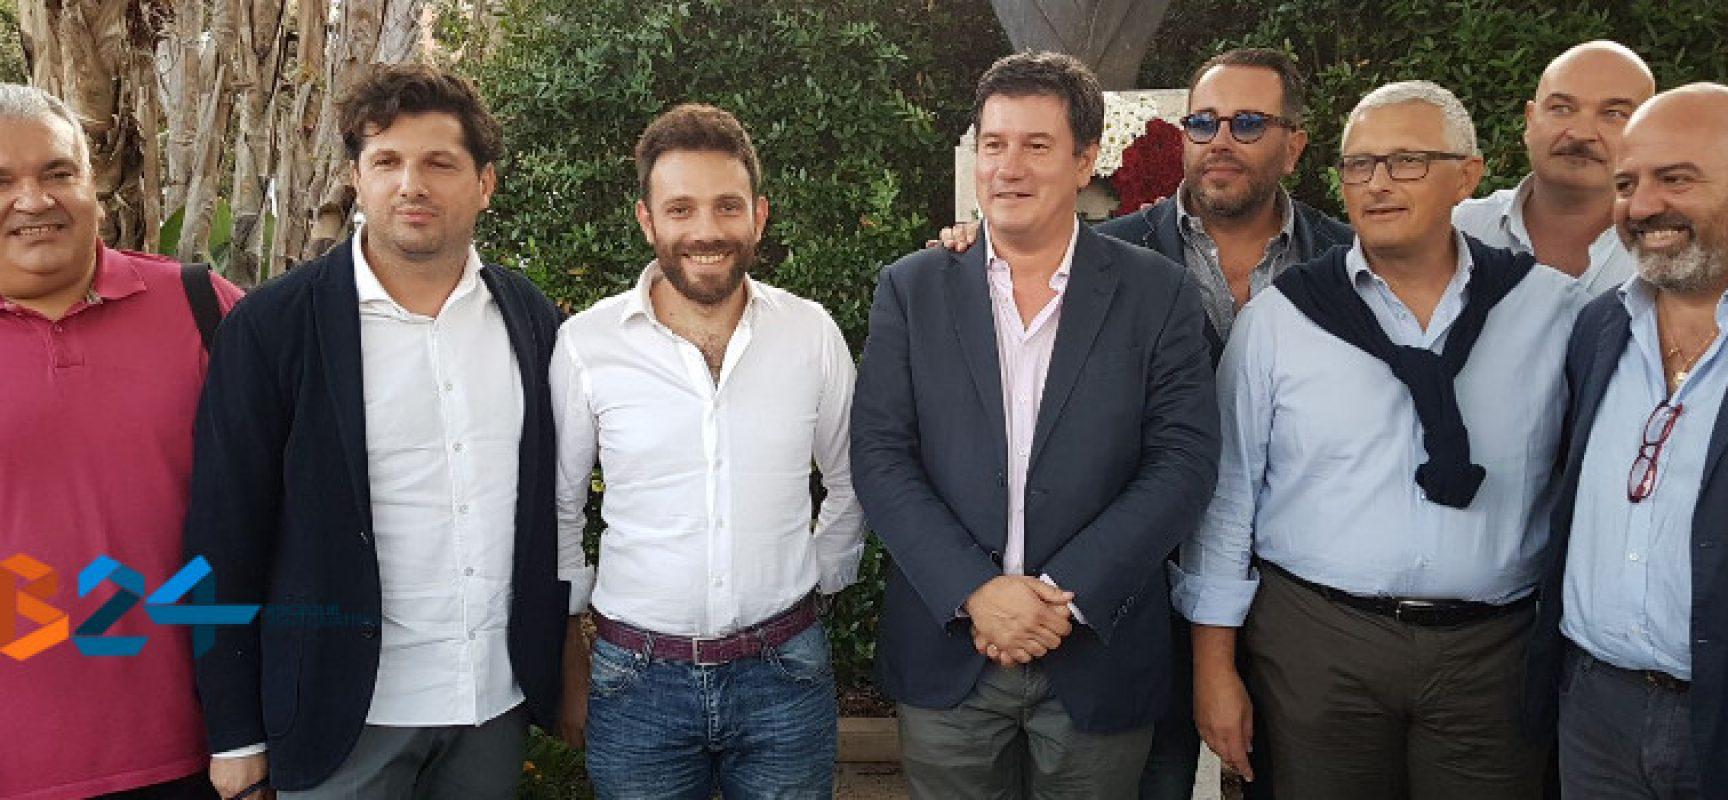 """Furto gioielleria via Aldo Moro, Bisceglie 2018: """"Mancanza sicurezza mina il commercio"""""""